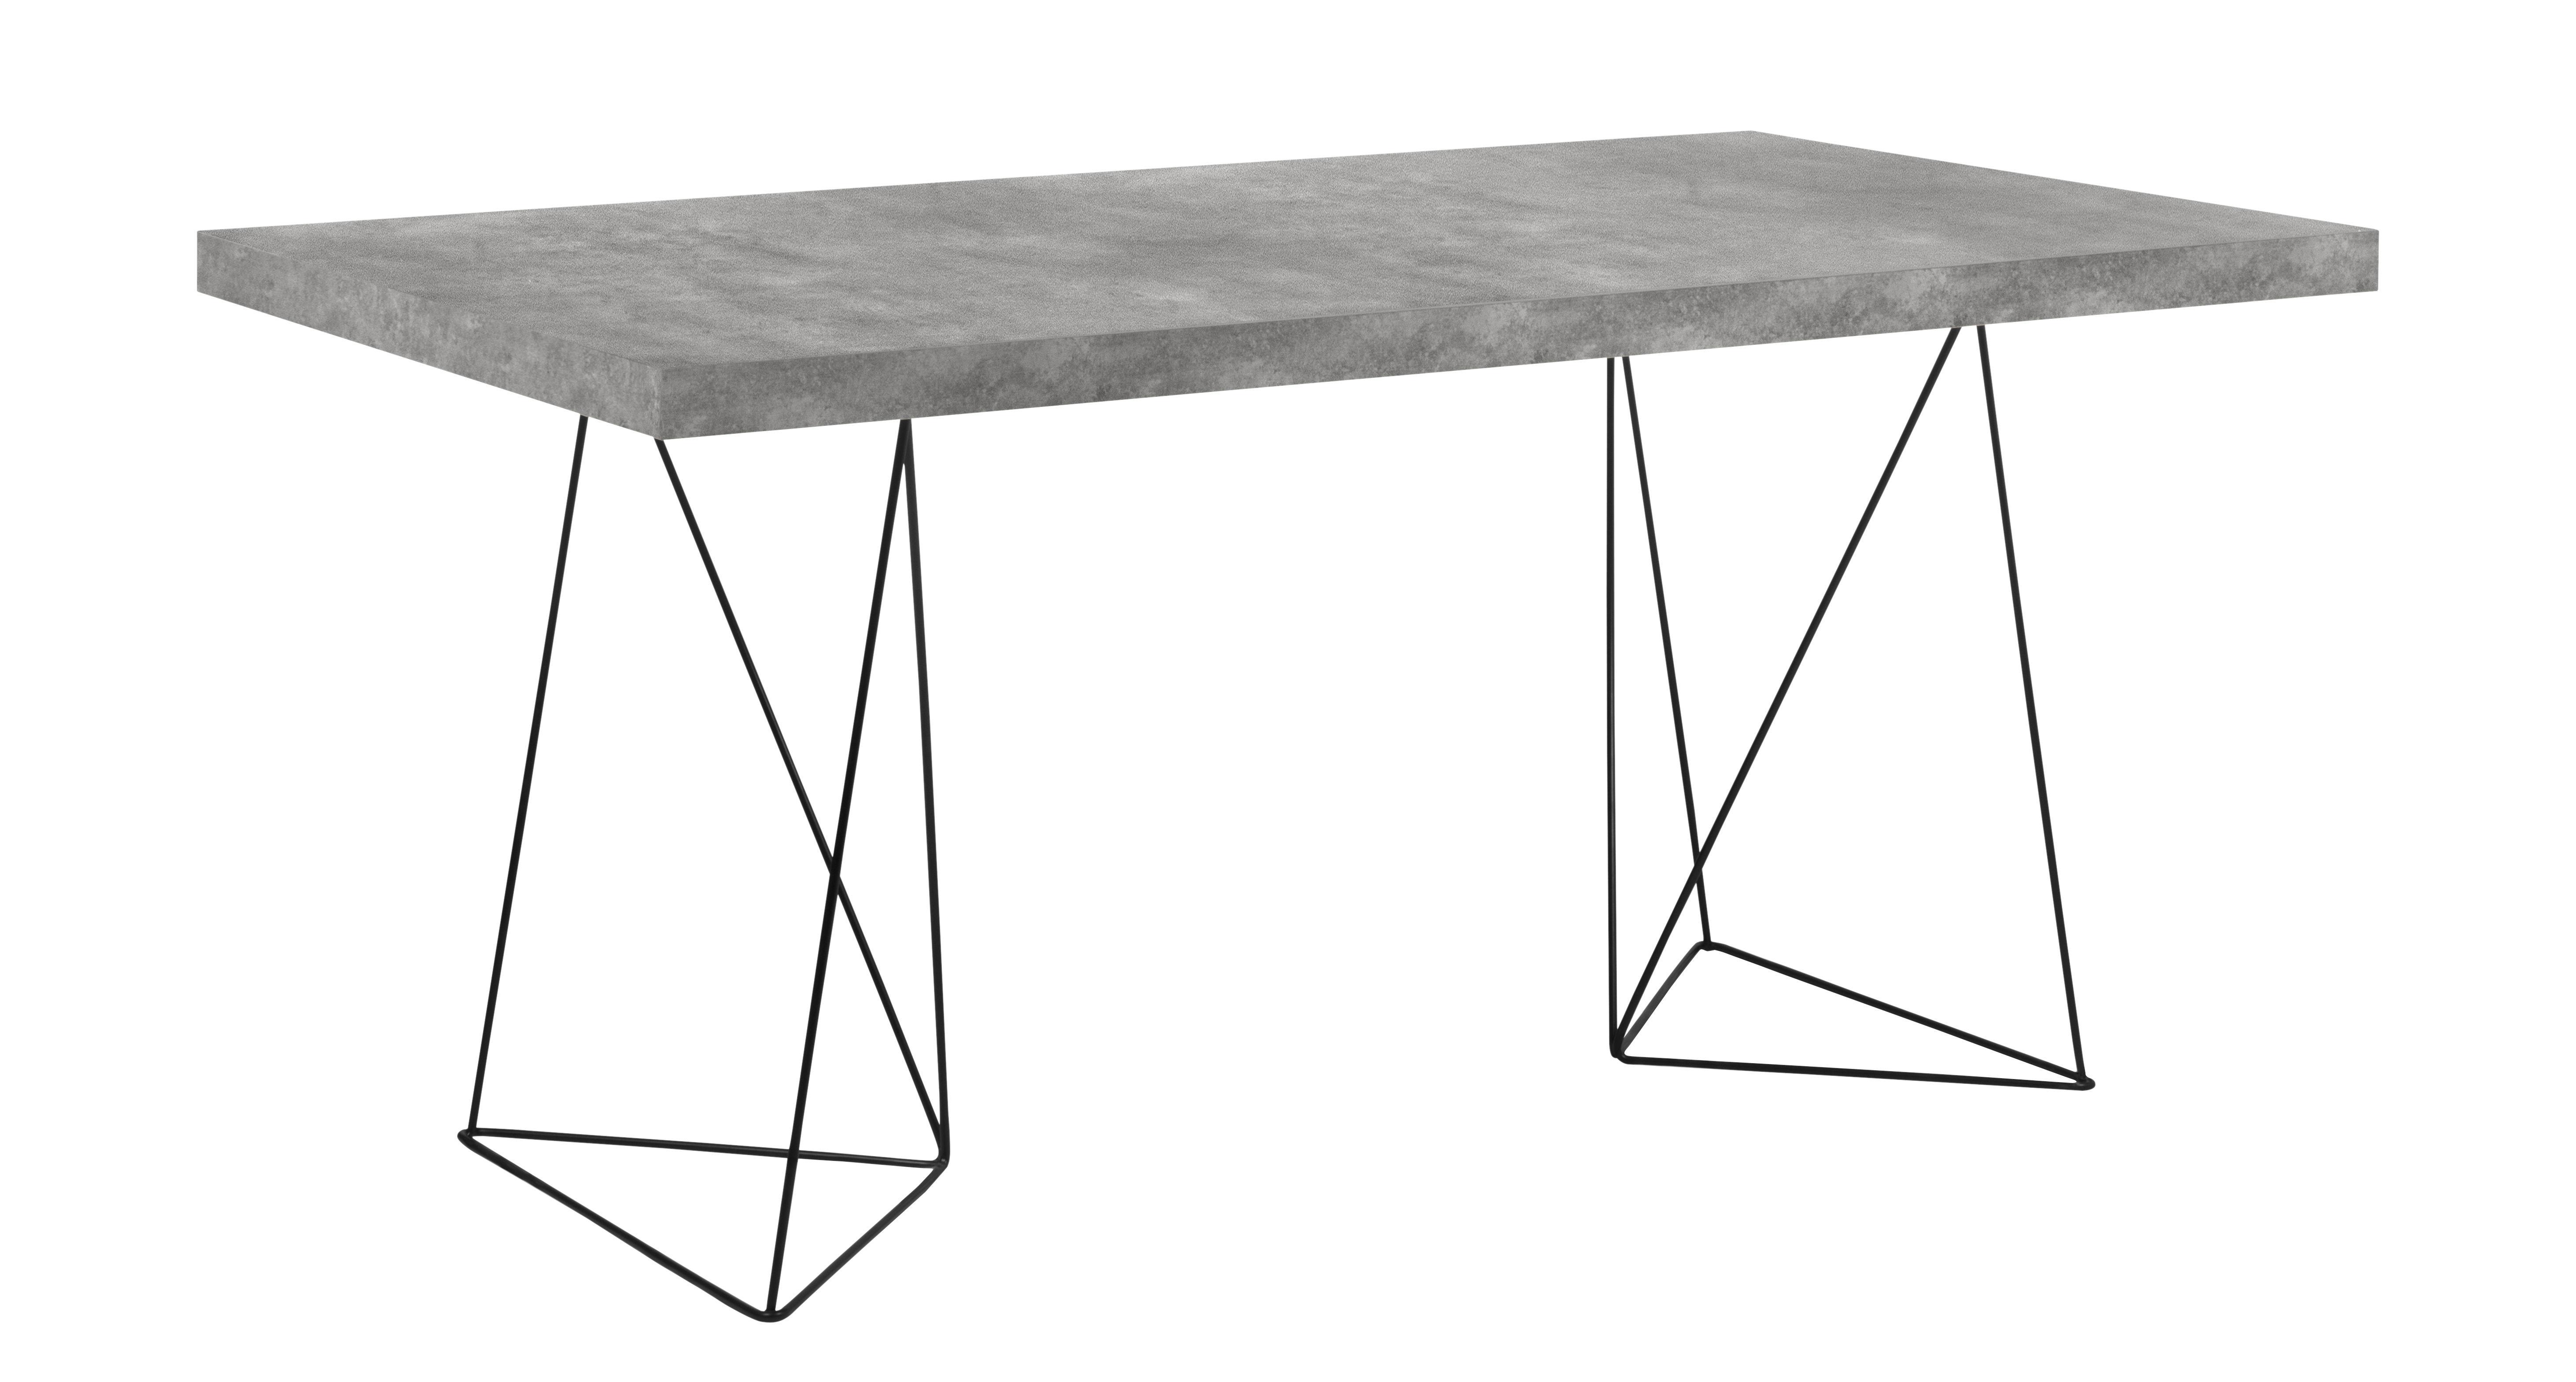 Maison et Objet - Raw materials - Trestle Rectangular table - / L 160 cm – Concrete effect by POP UP HOME - Concrete effect / Black foot - Chipboard, Lacquered metal